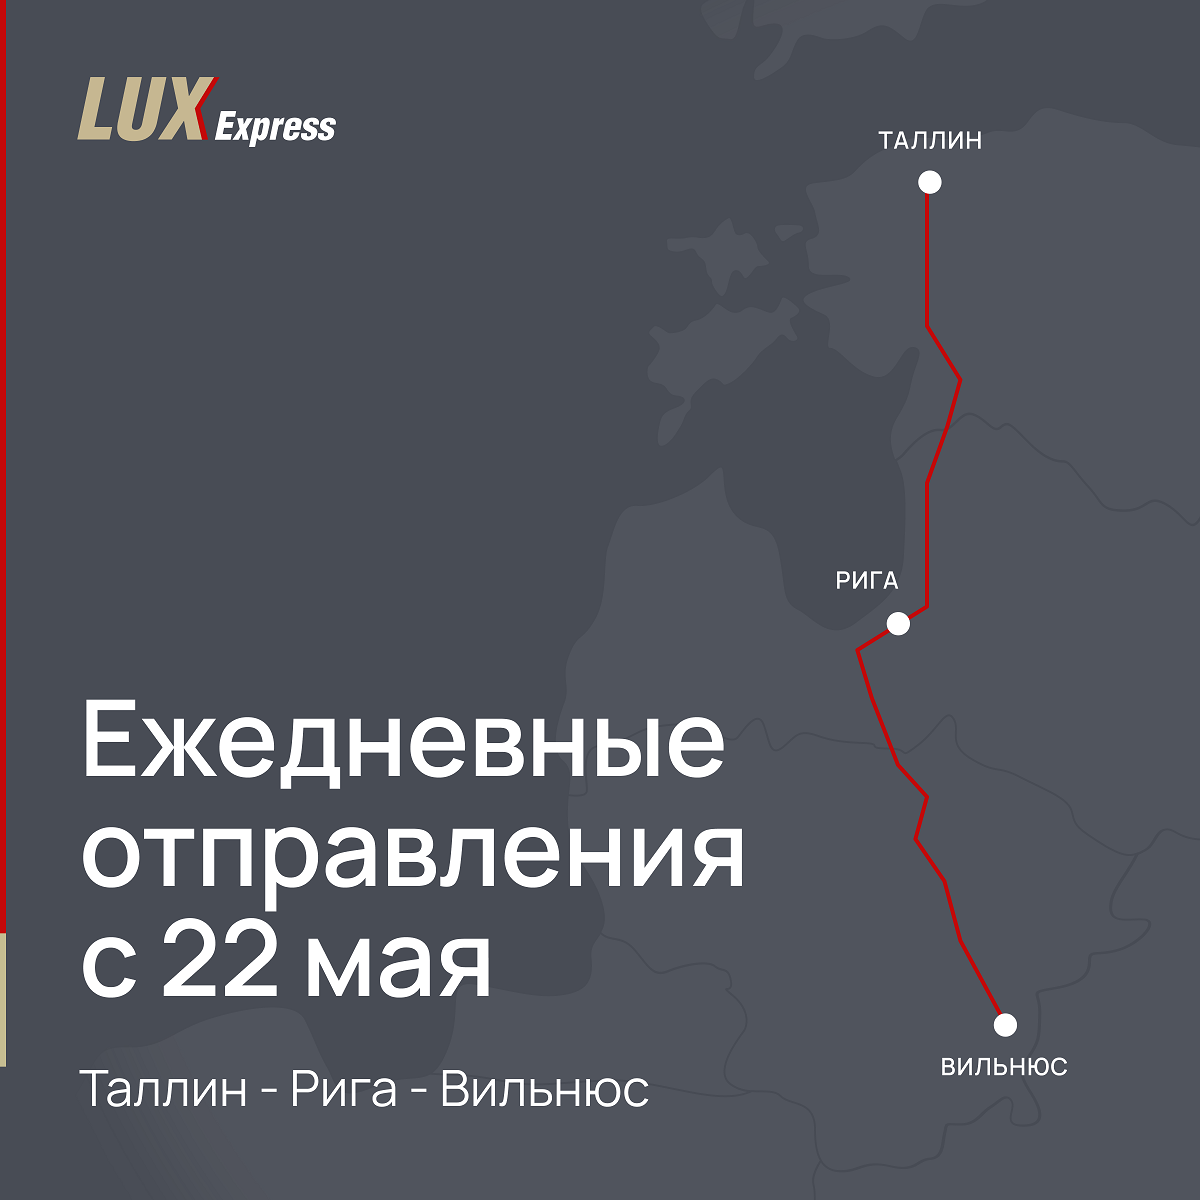 Маршруты Lux Express Baltic снова открыты! image